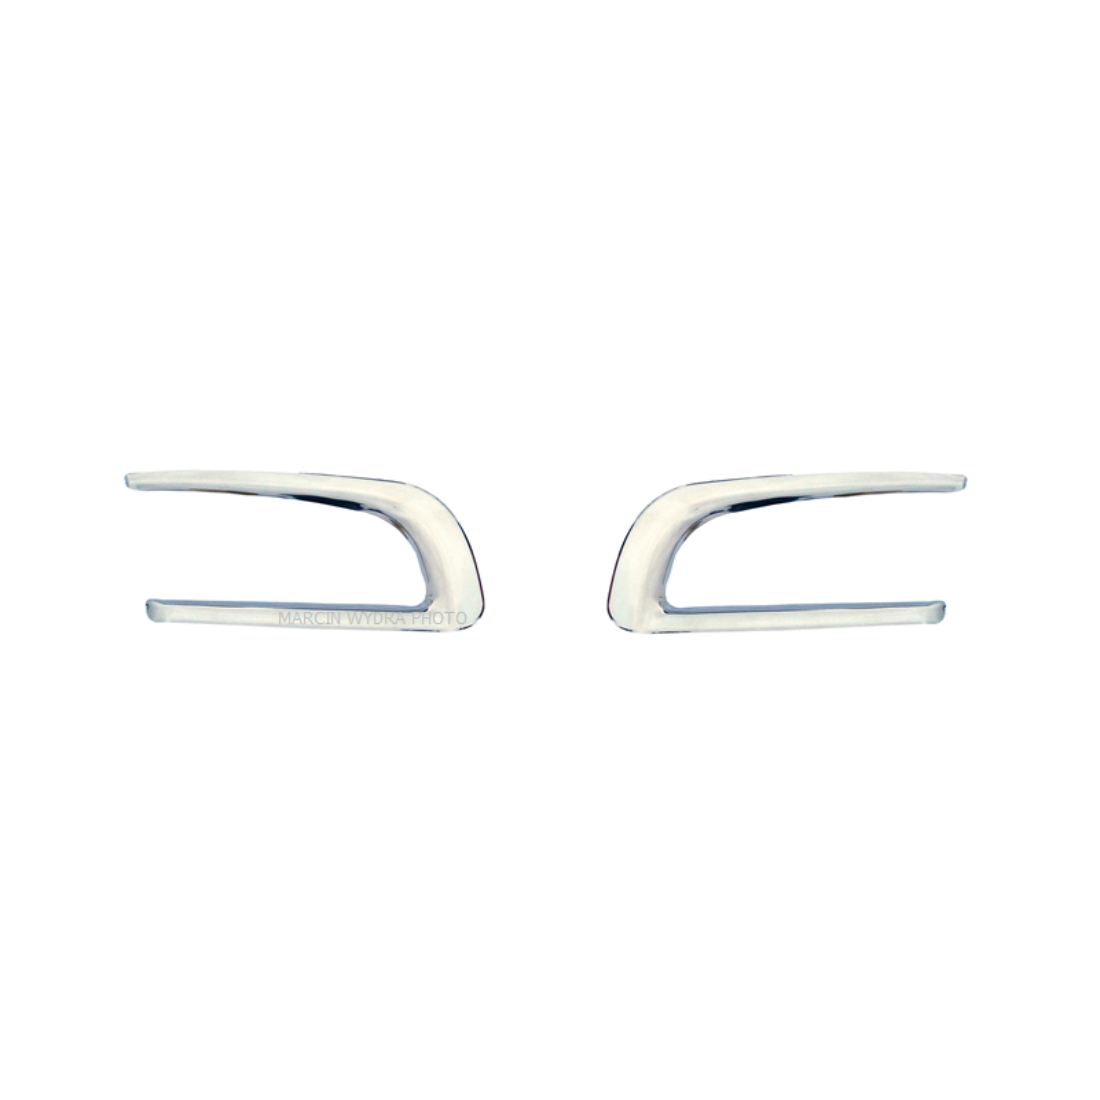 SCANIA R Nerezeovy 3D dekor na mřížku pod čelní okno